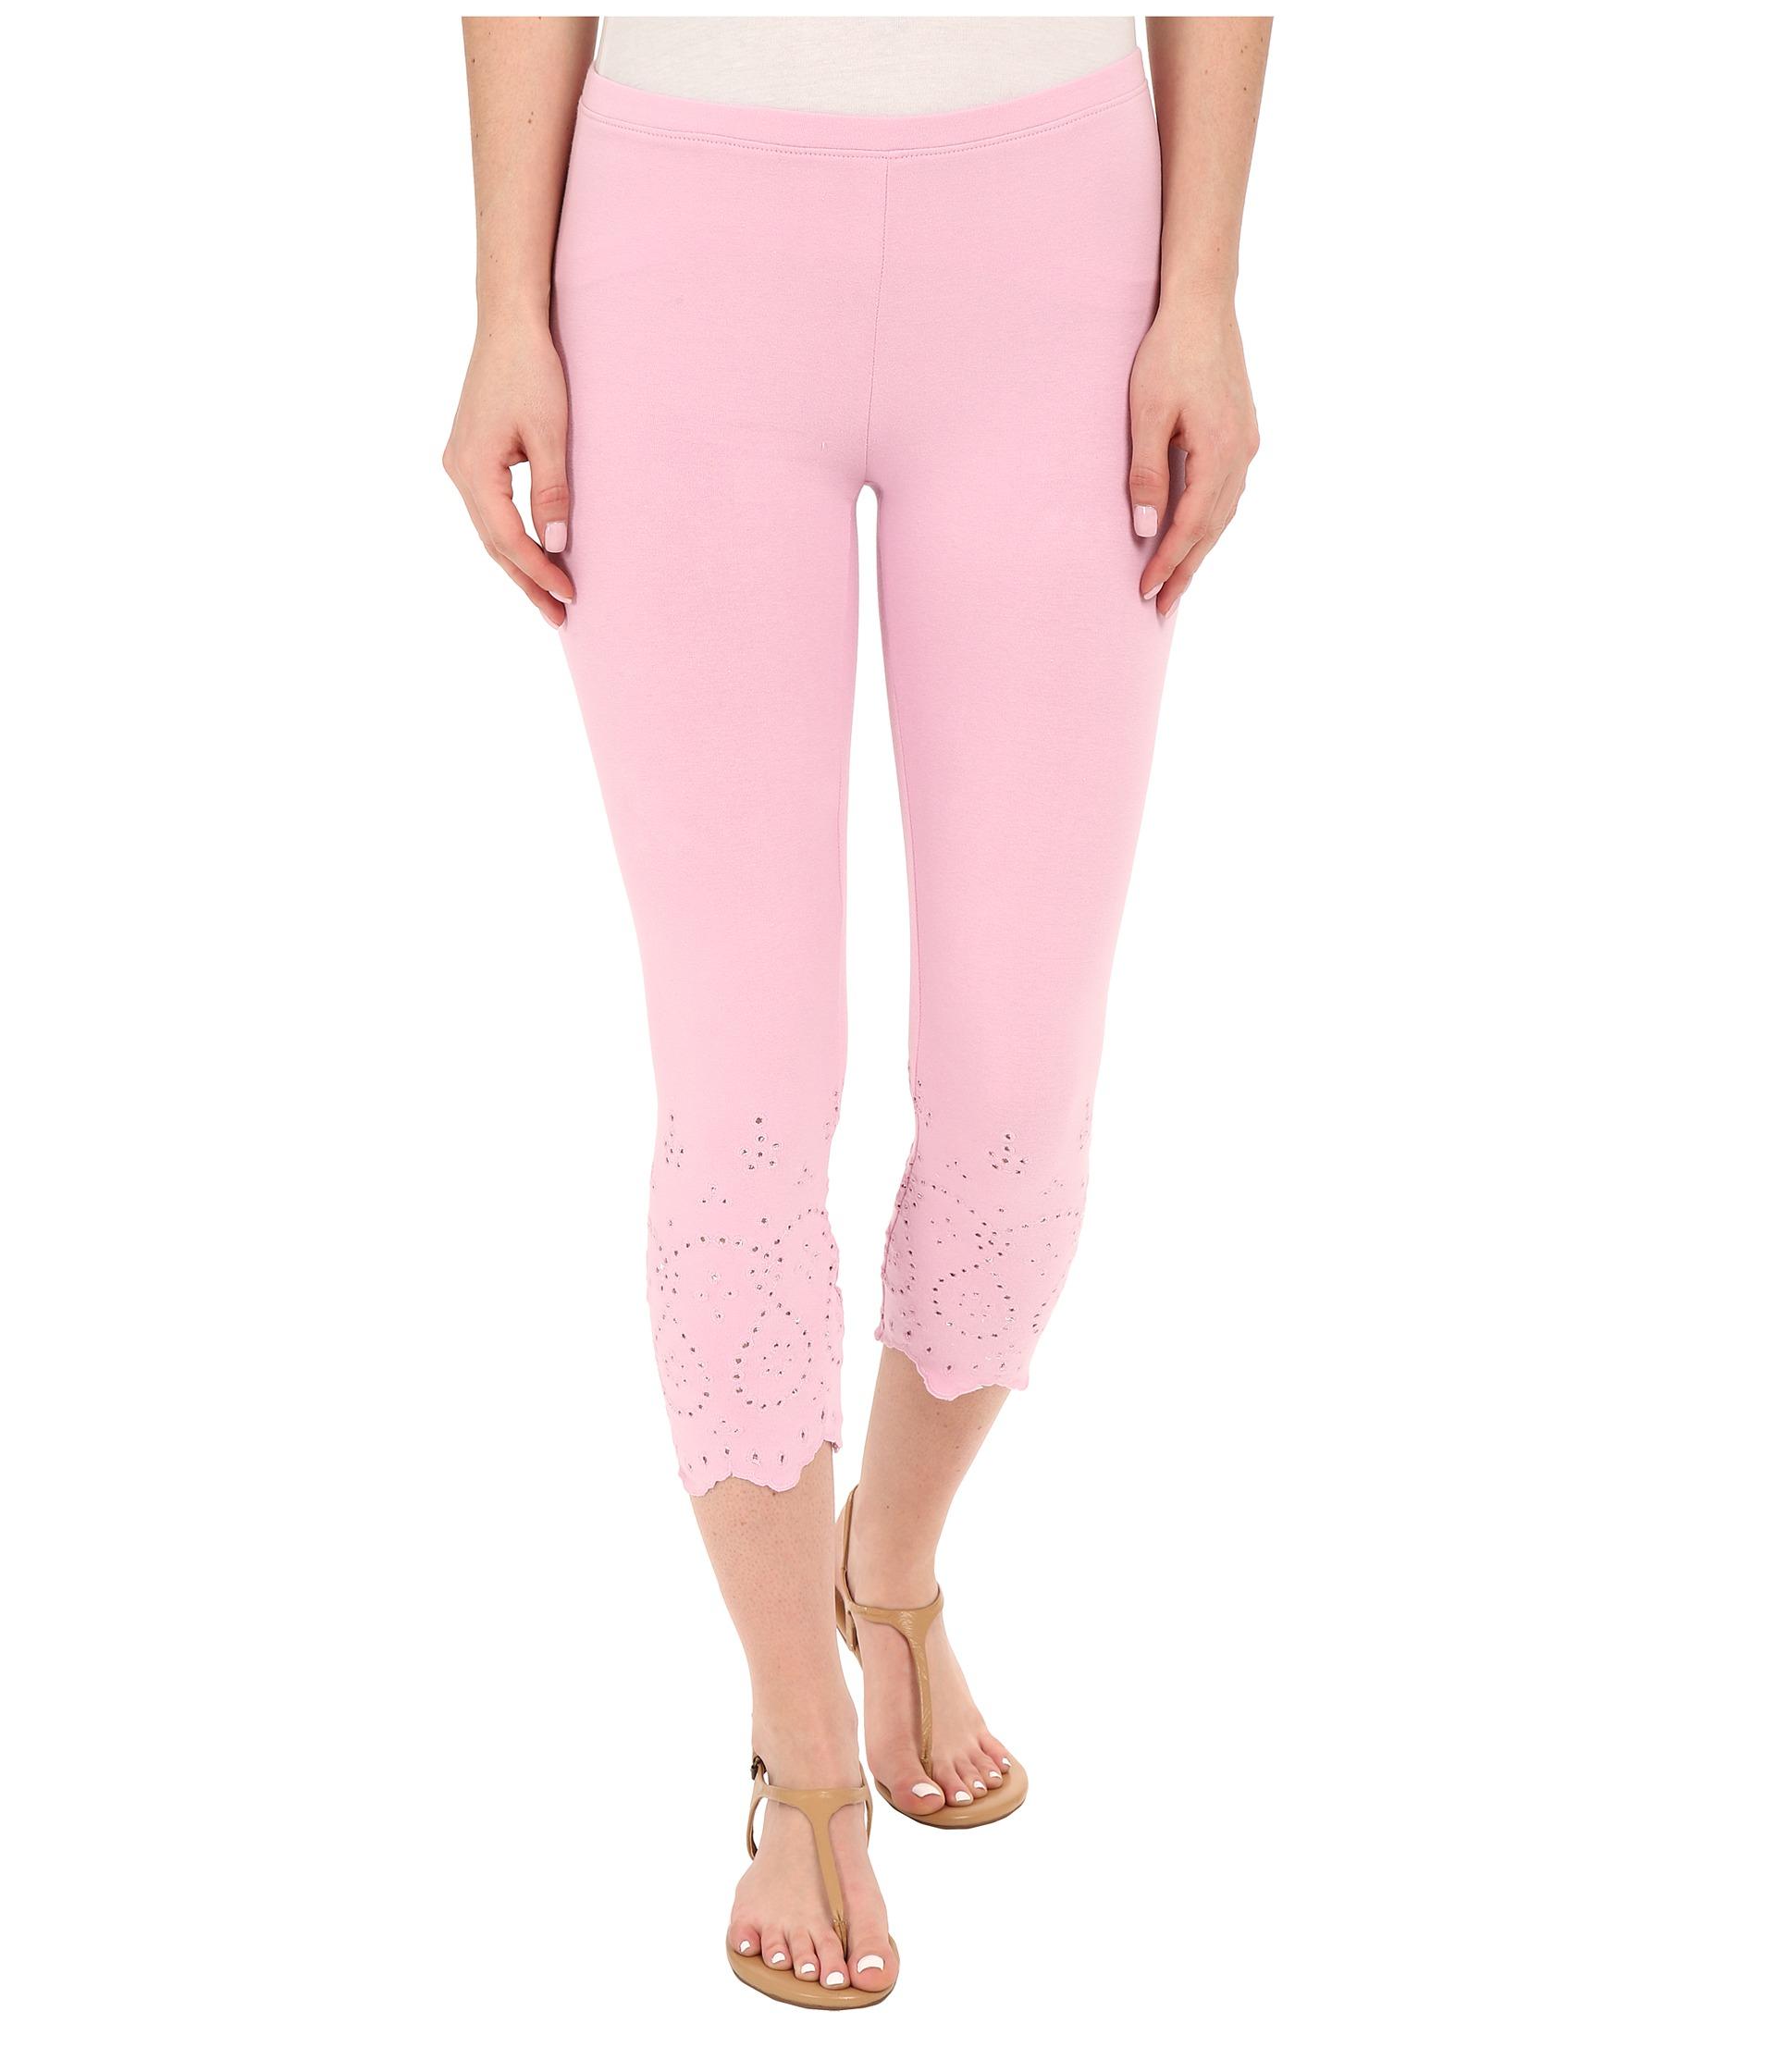 af289a4e7288 Lyst - Hue Eyelet Trim Cotton Capris in Pink